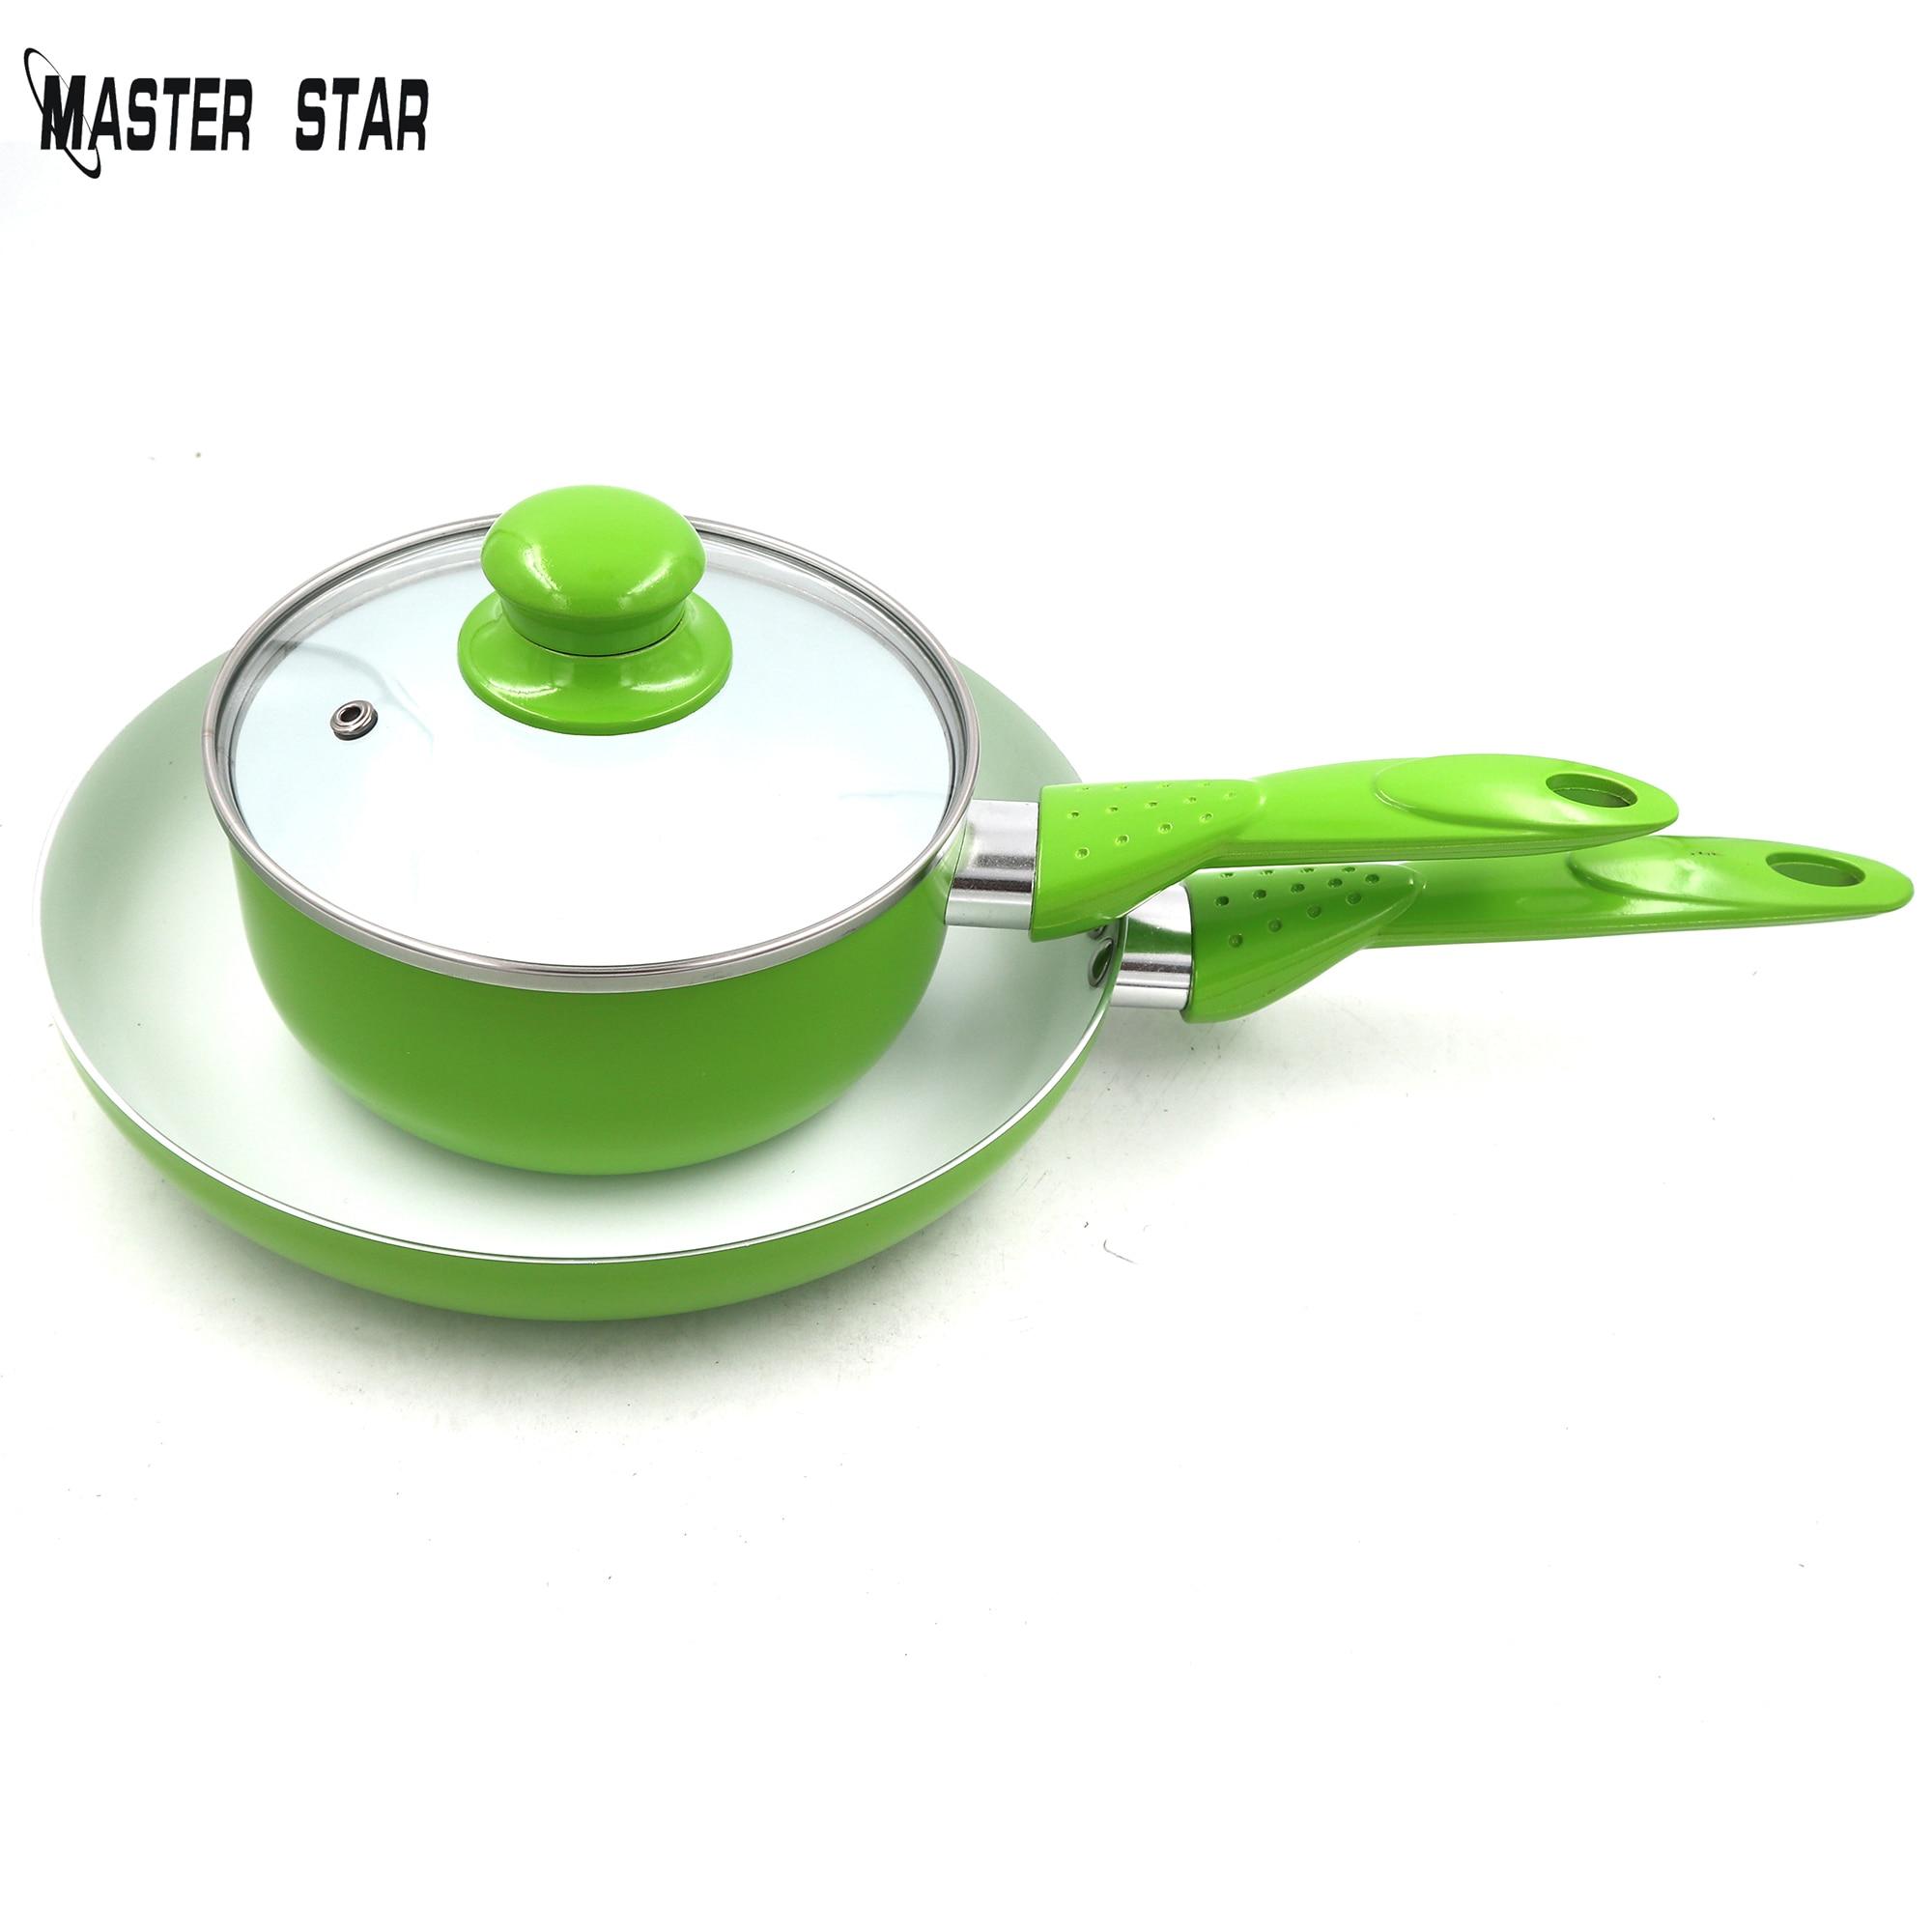 Master Star ensemble de poêles | Pommes vertes, casserole petit déjeuner Omelette 24cm poêle à frire, ustensiles de cuisine pour enfants avec Pot de soupe de 16cm